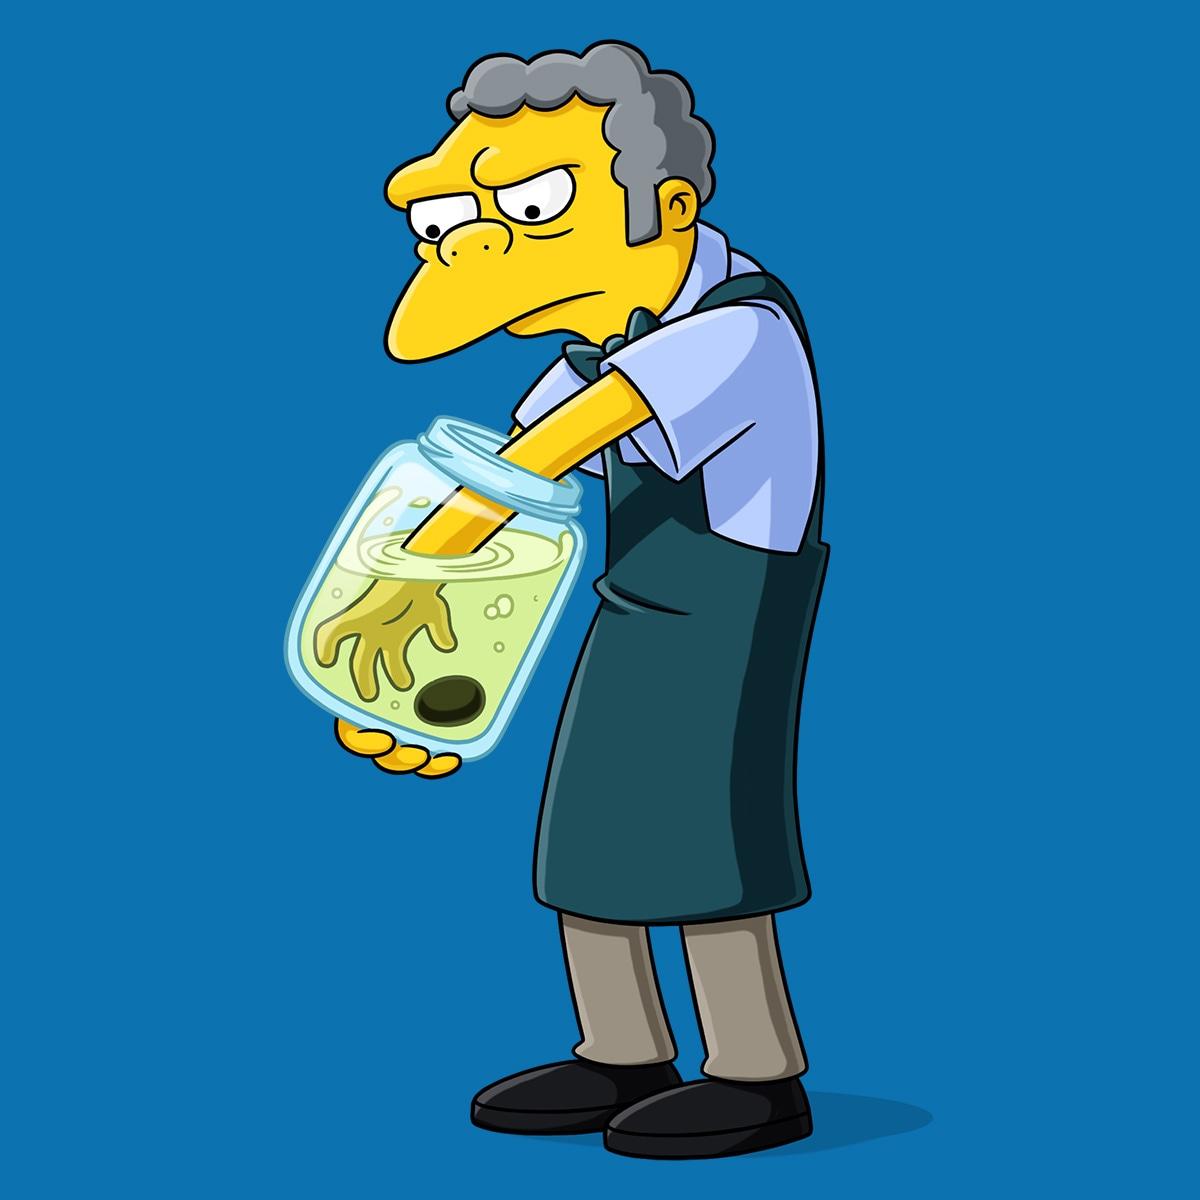 Moe Szyslak | Simpsons World on FXX